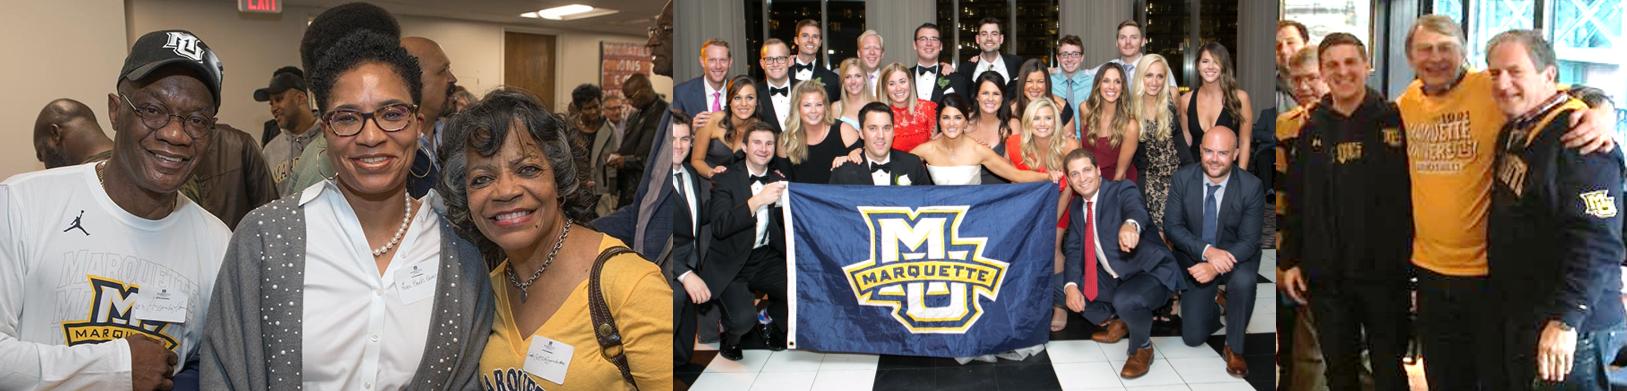 Collage of Marquette alumni